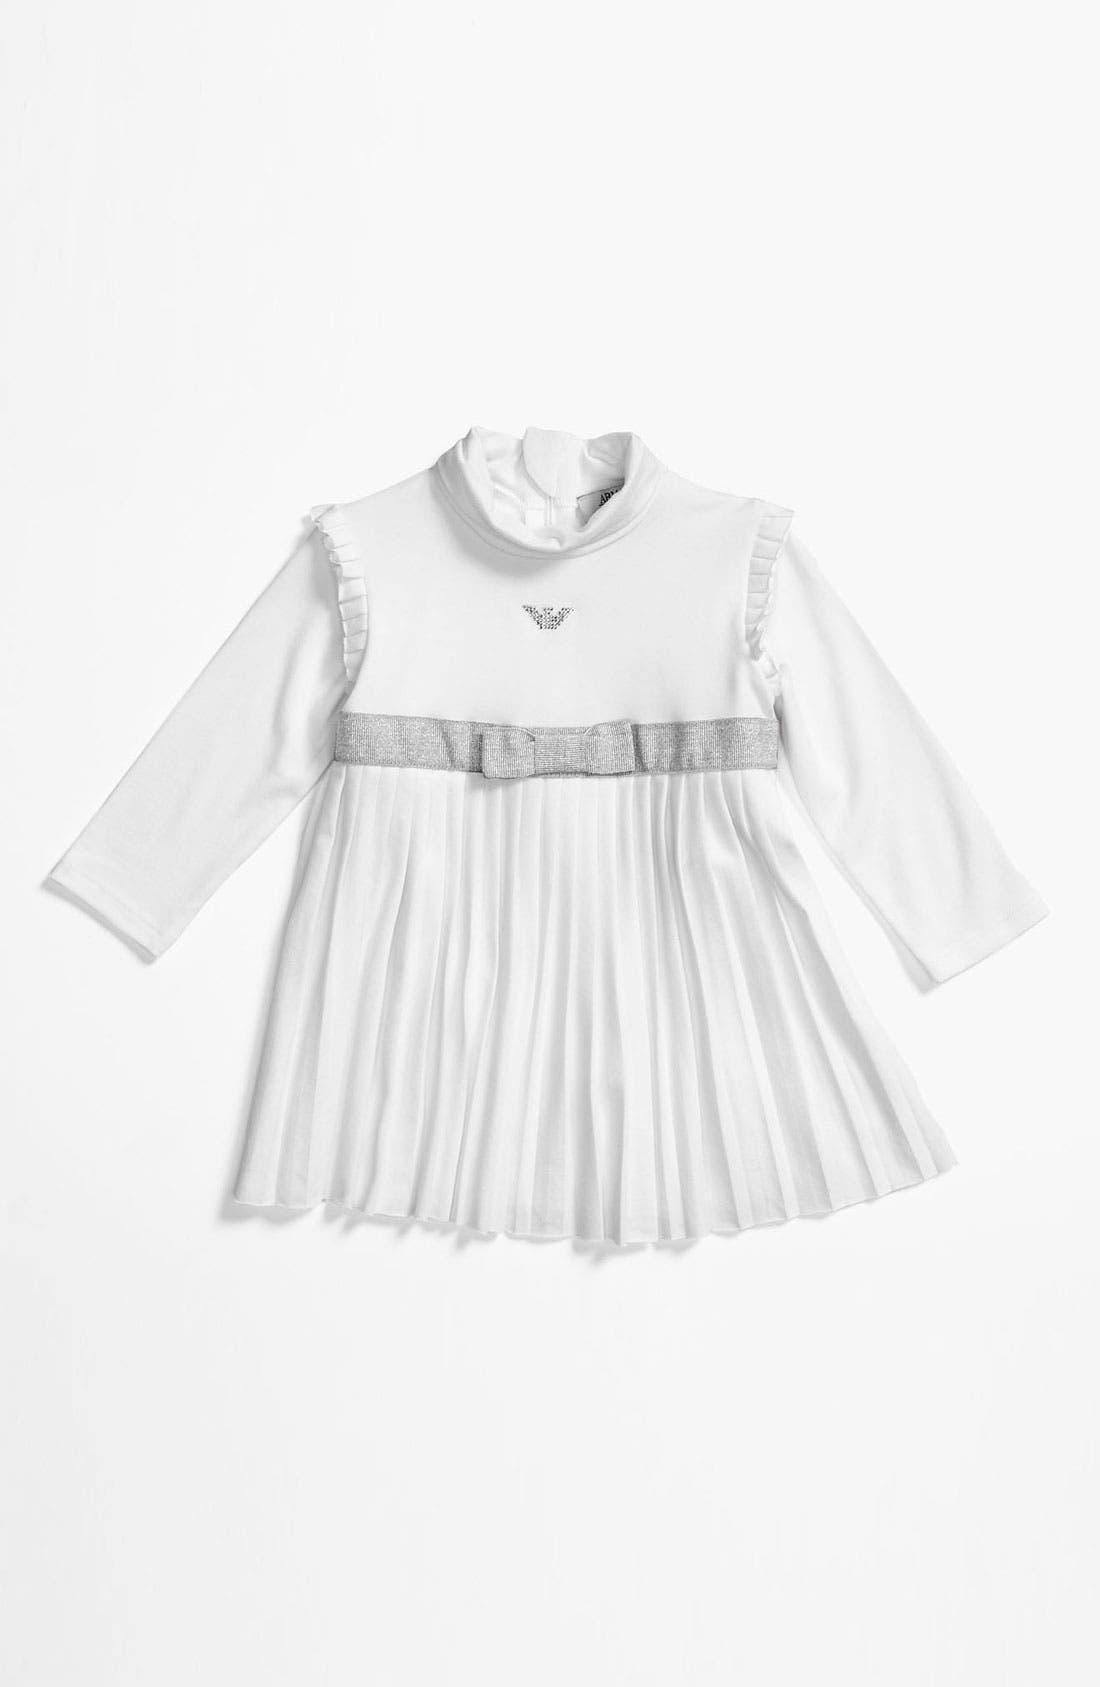 Main Image - Armani Junior Pleated Dress (Infant)